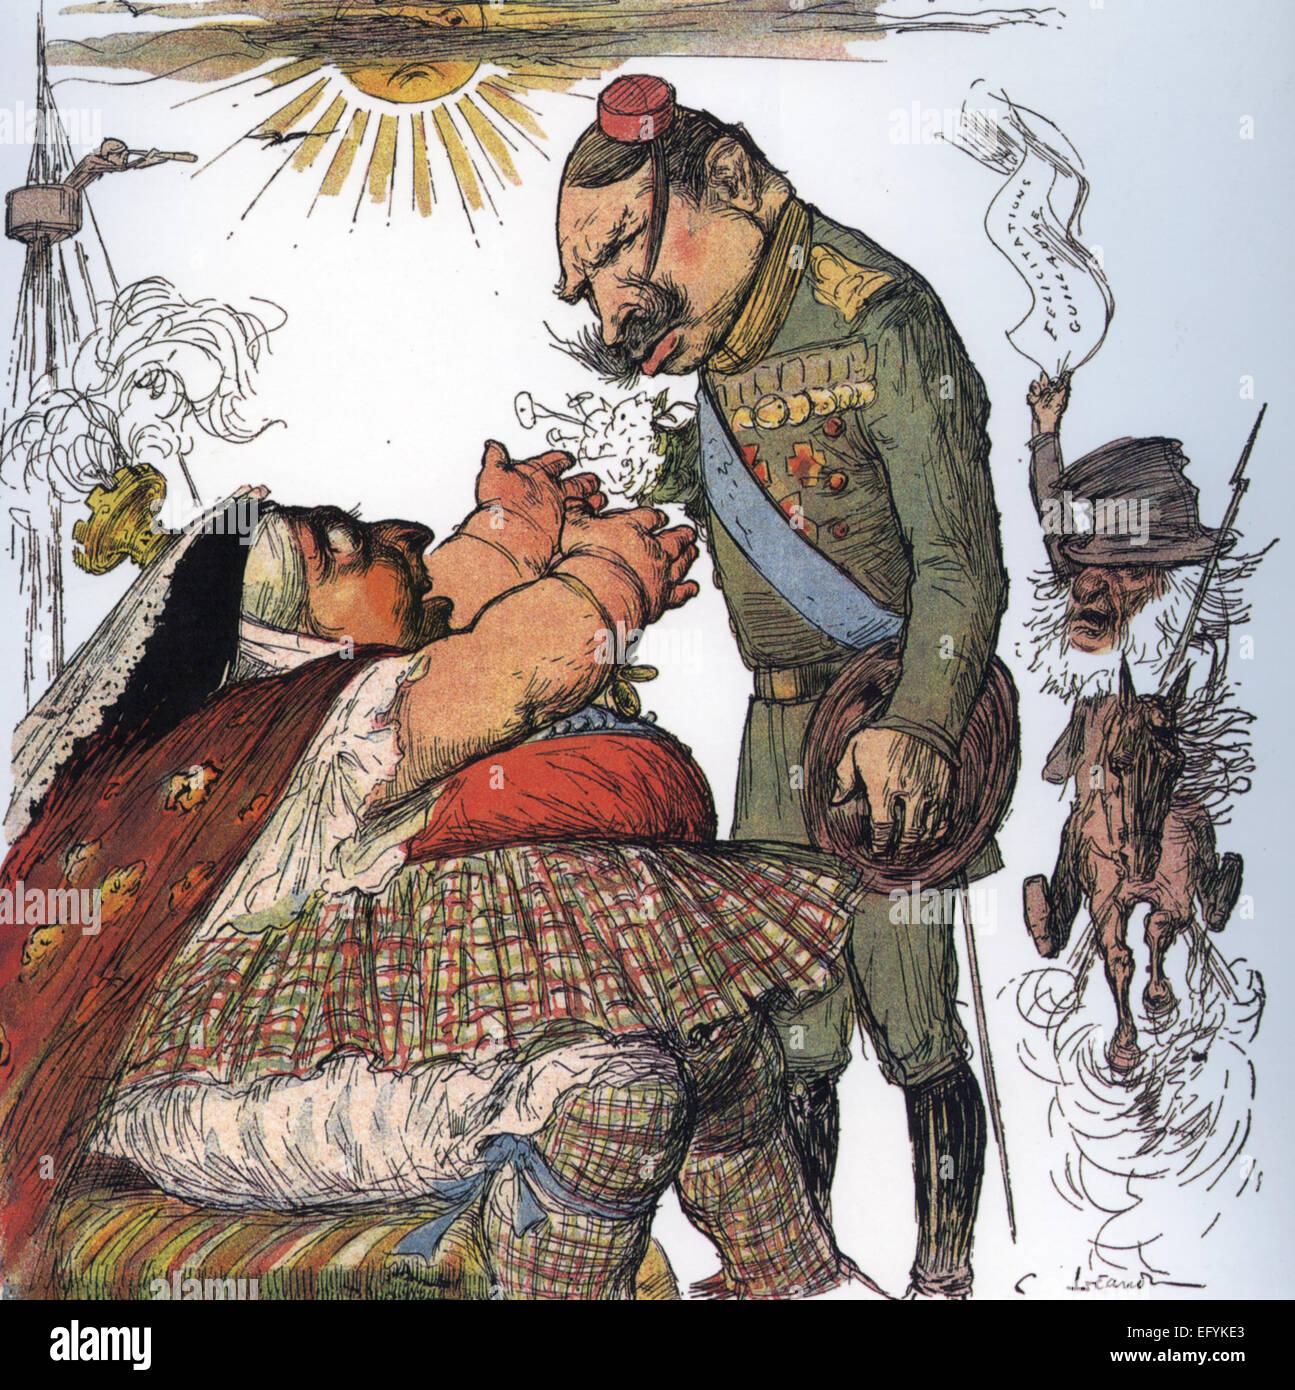 Guerra de los bóers caricatura en la portada de la revista satírica francesa Le rire, el 2 de diciembre Imagen De Stock